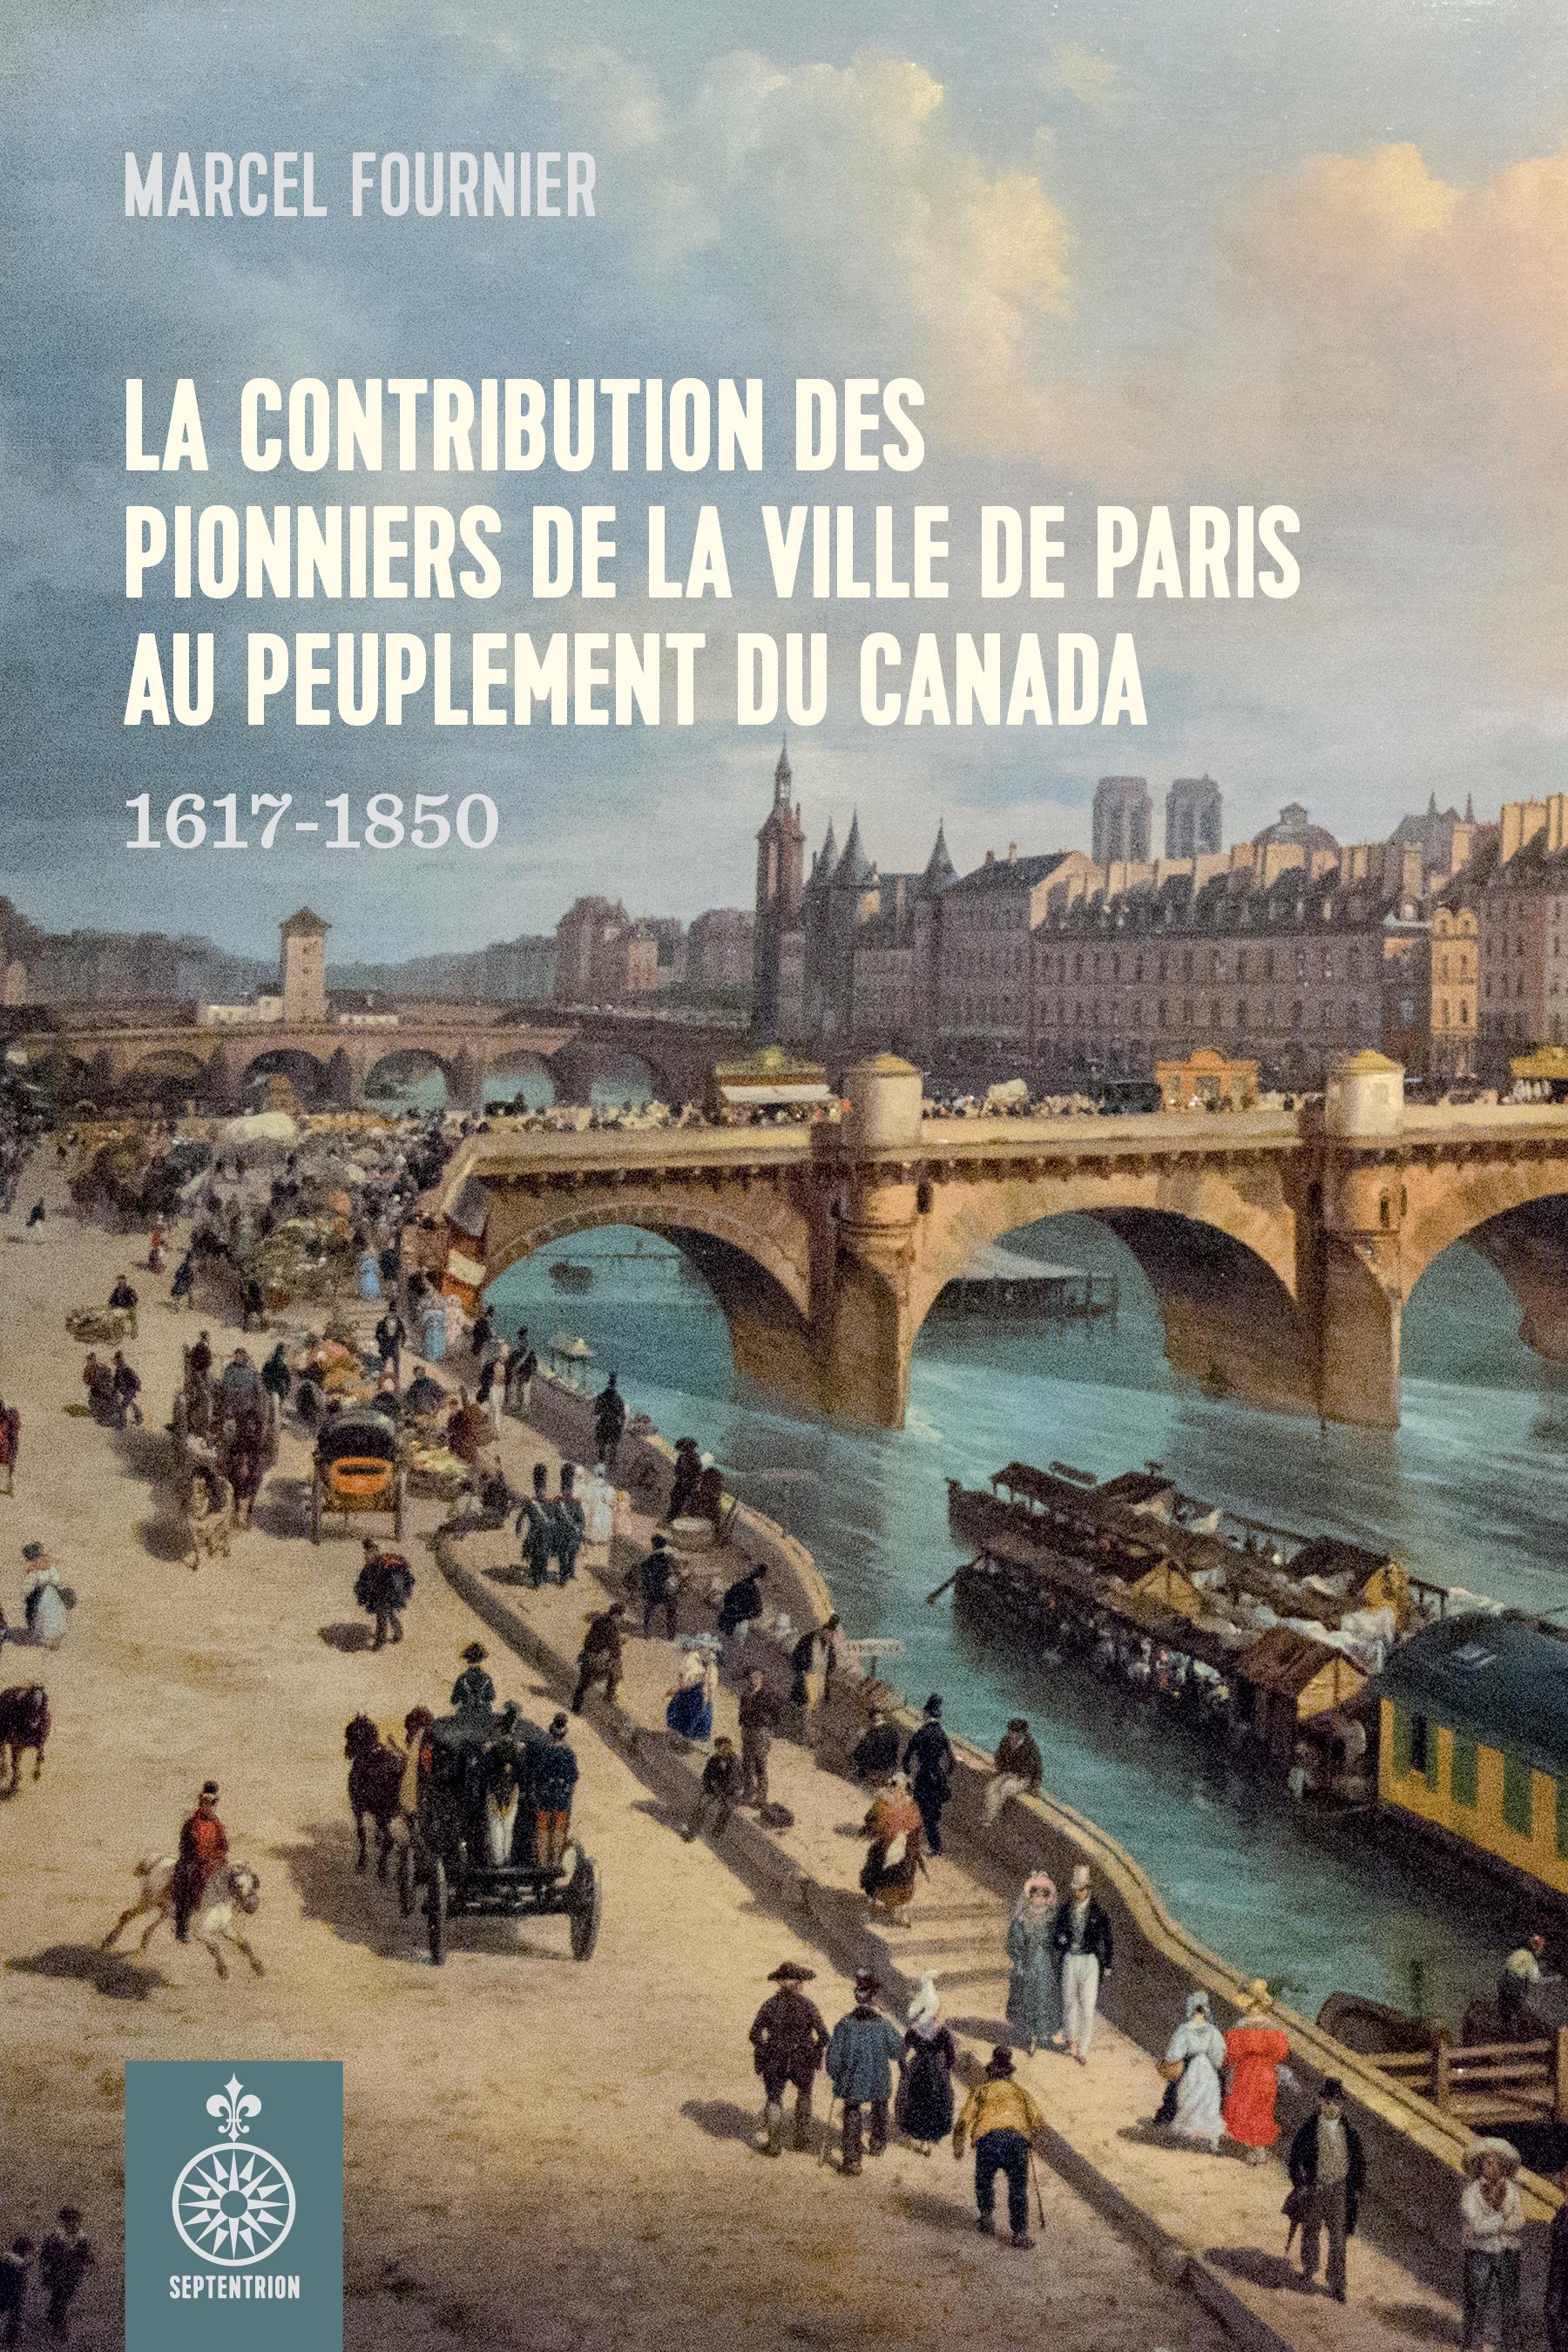 La Contribution des pionniers de la ville de Paris au peuplement du Canada